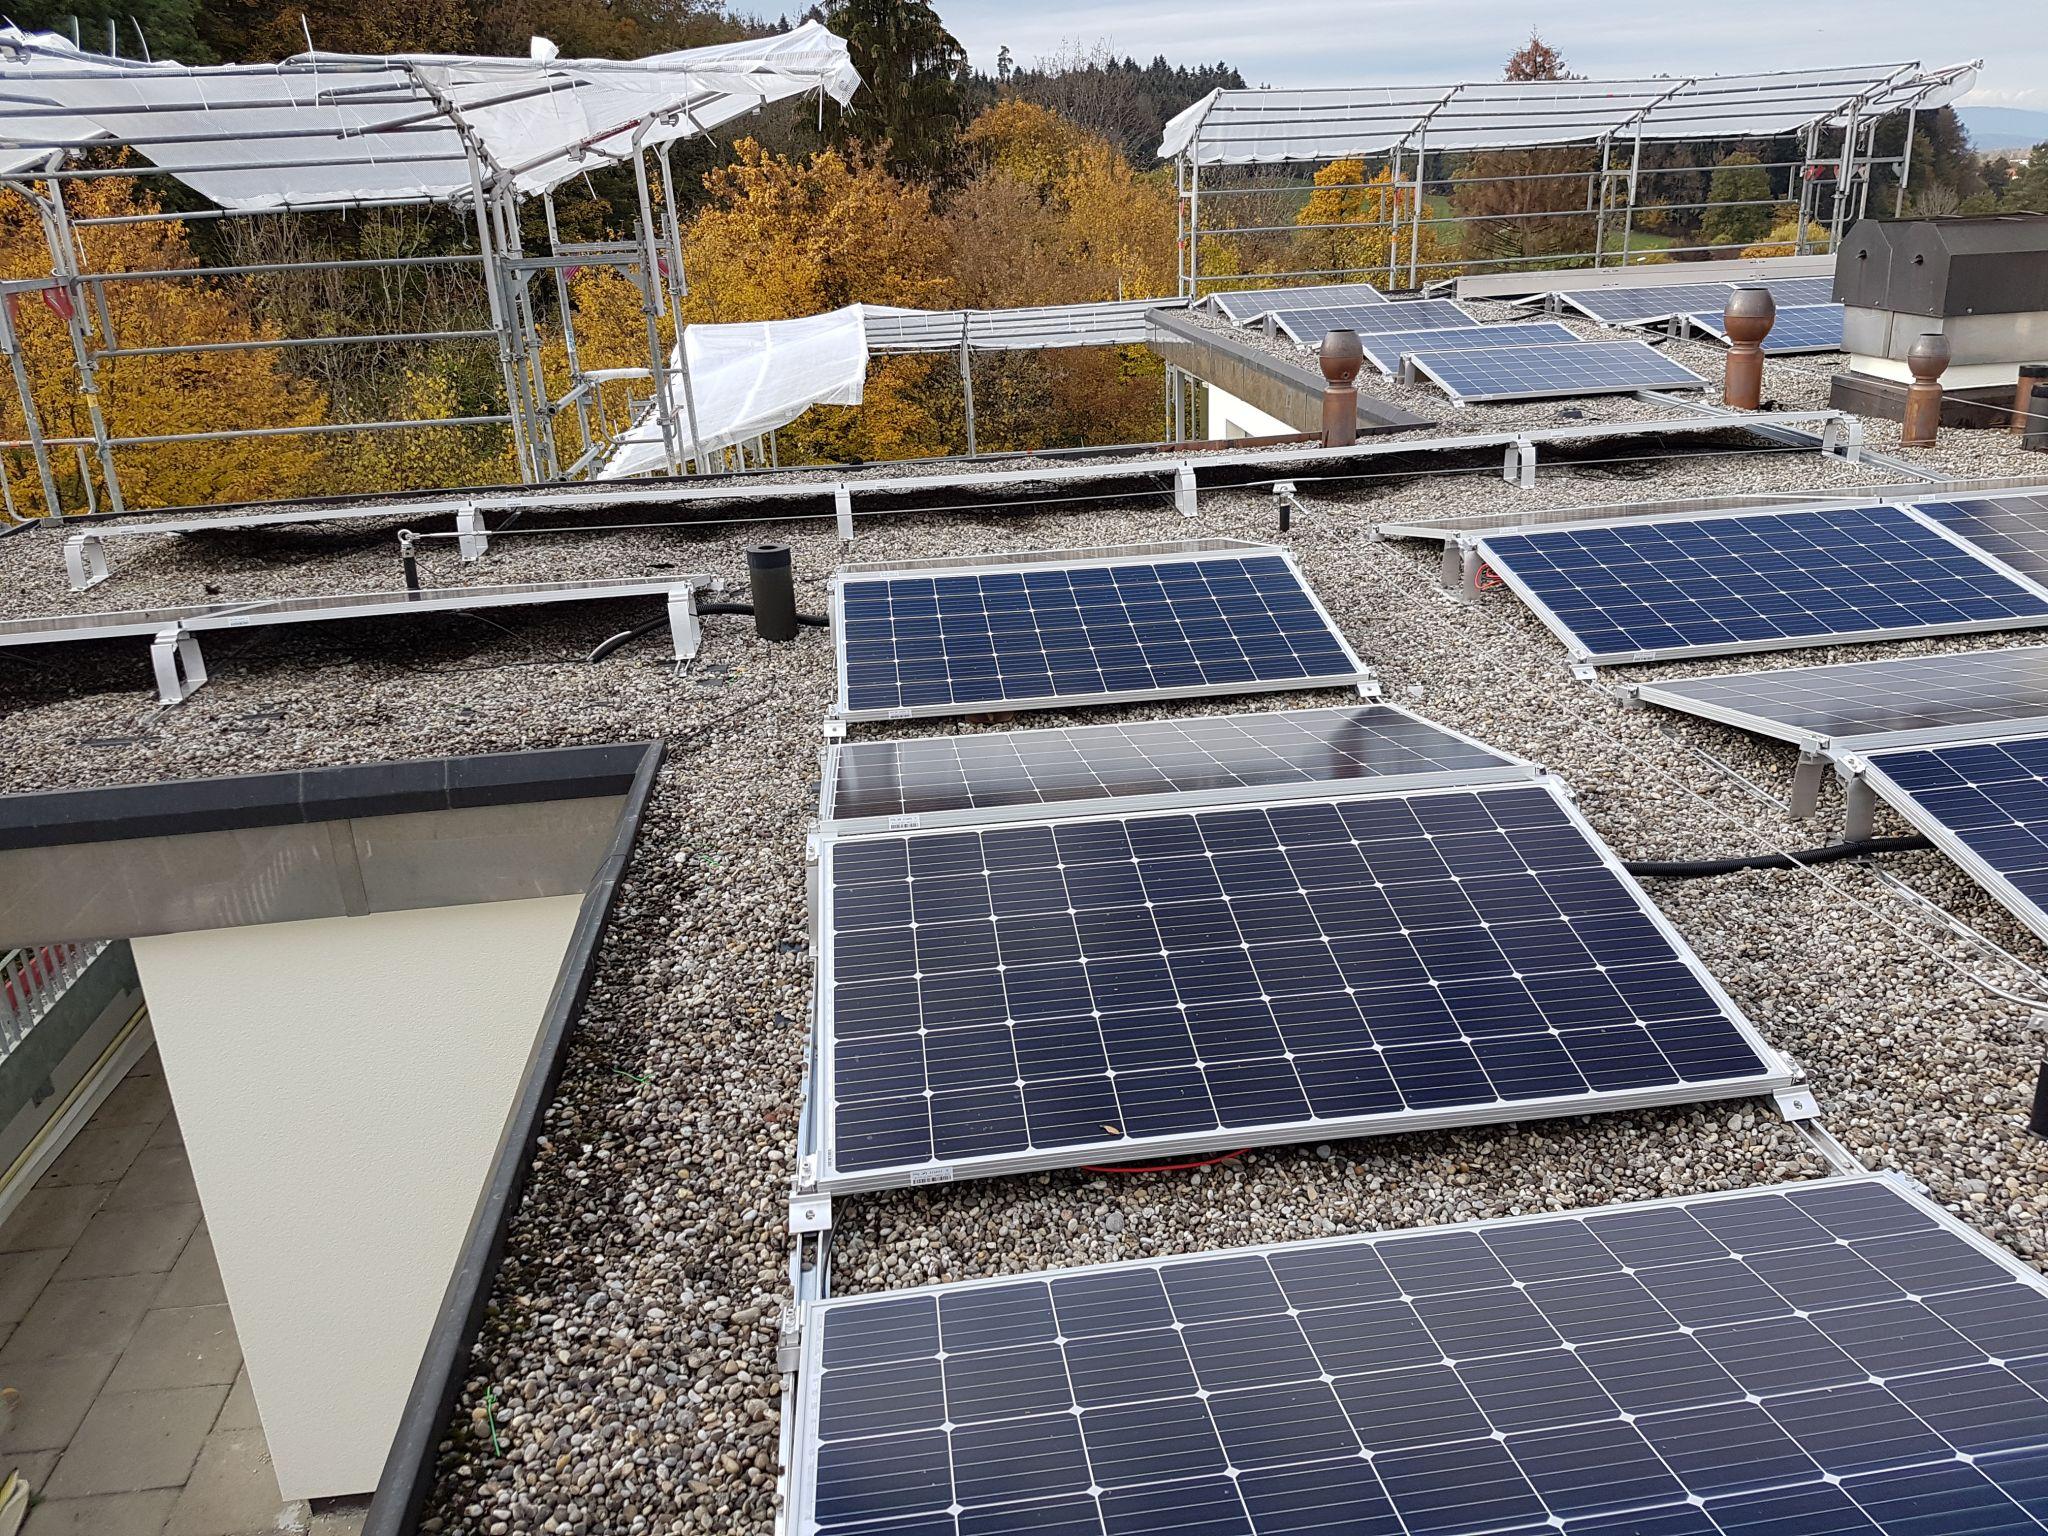 Bau der Photovoltaikanlage auf der Wohnbaugenossenschaft Zumikon ZH